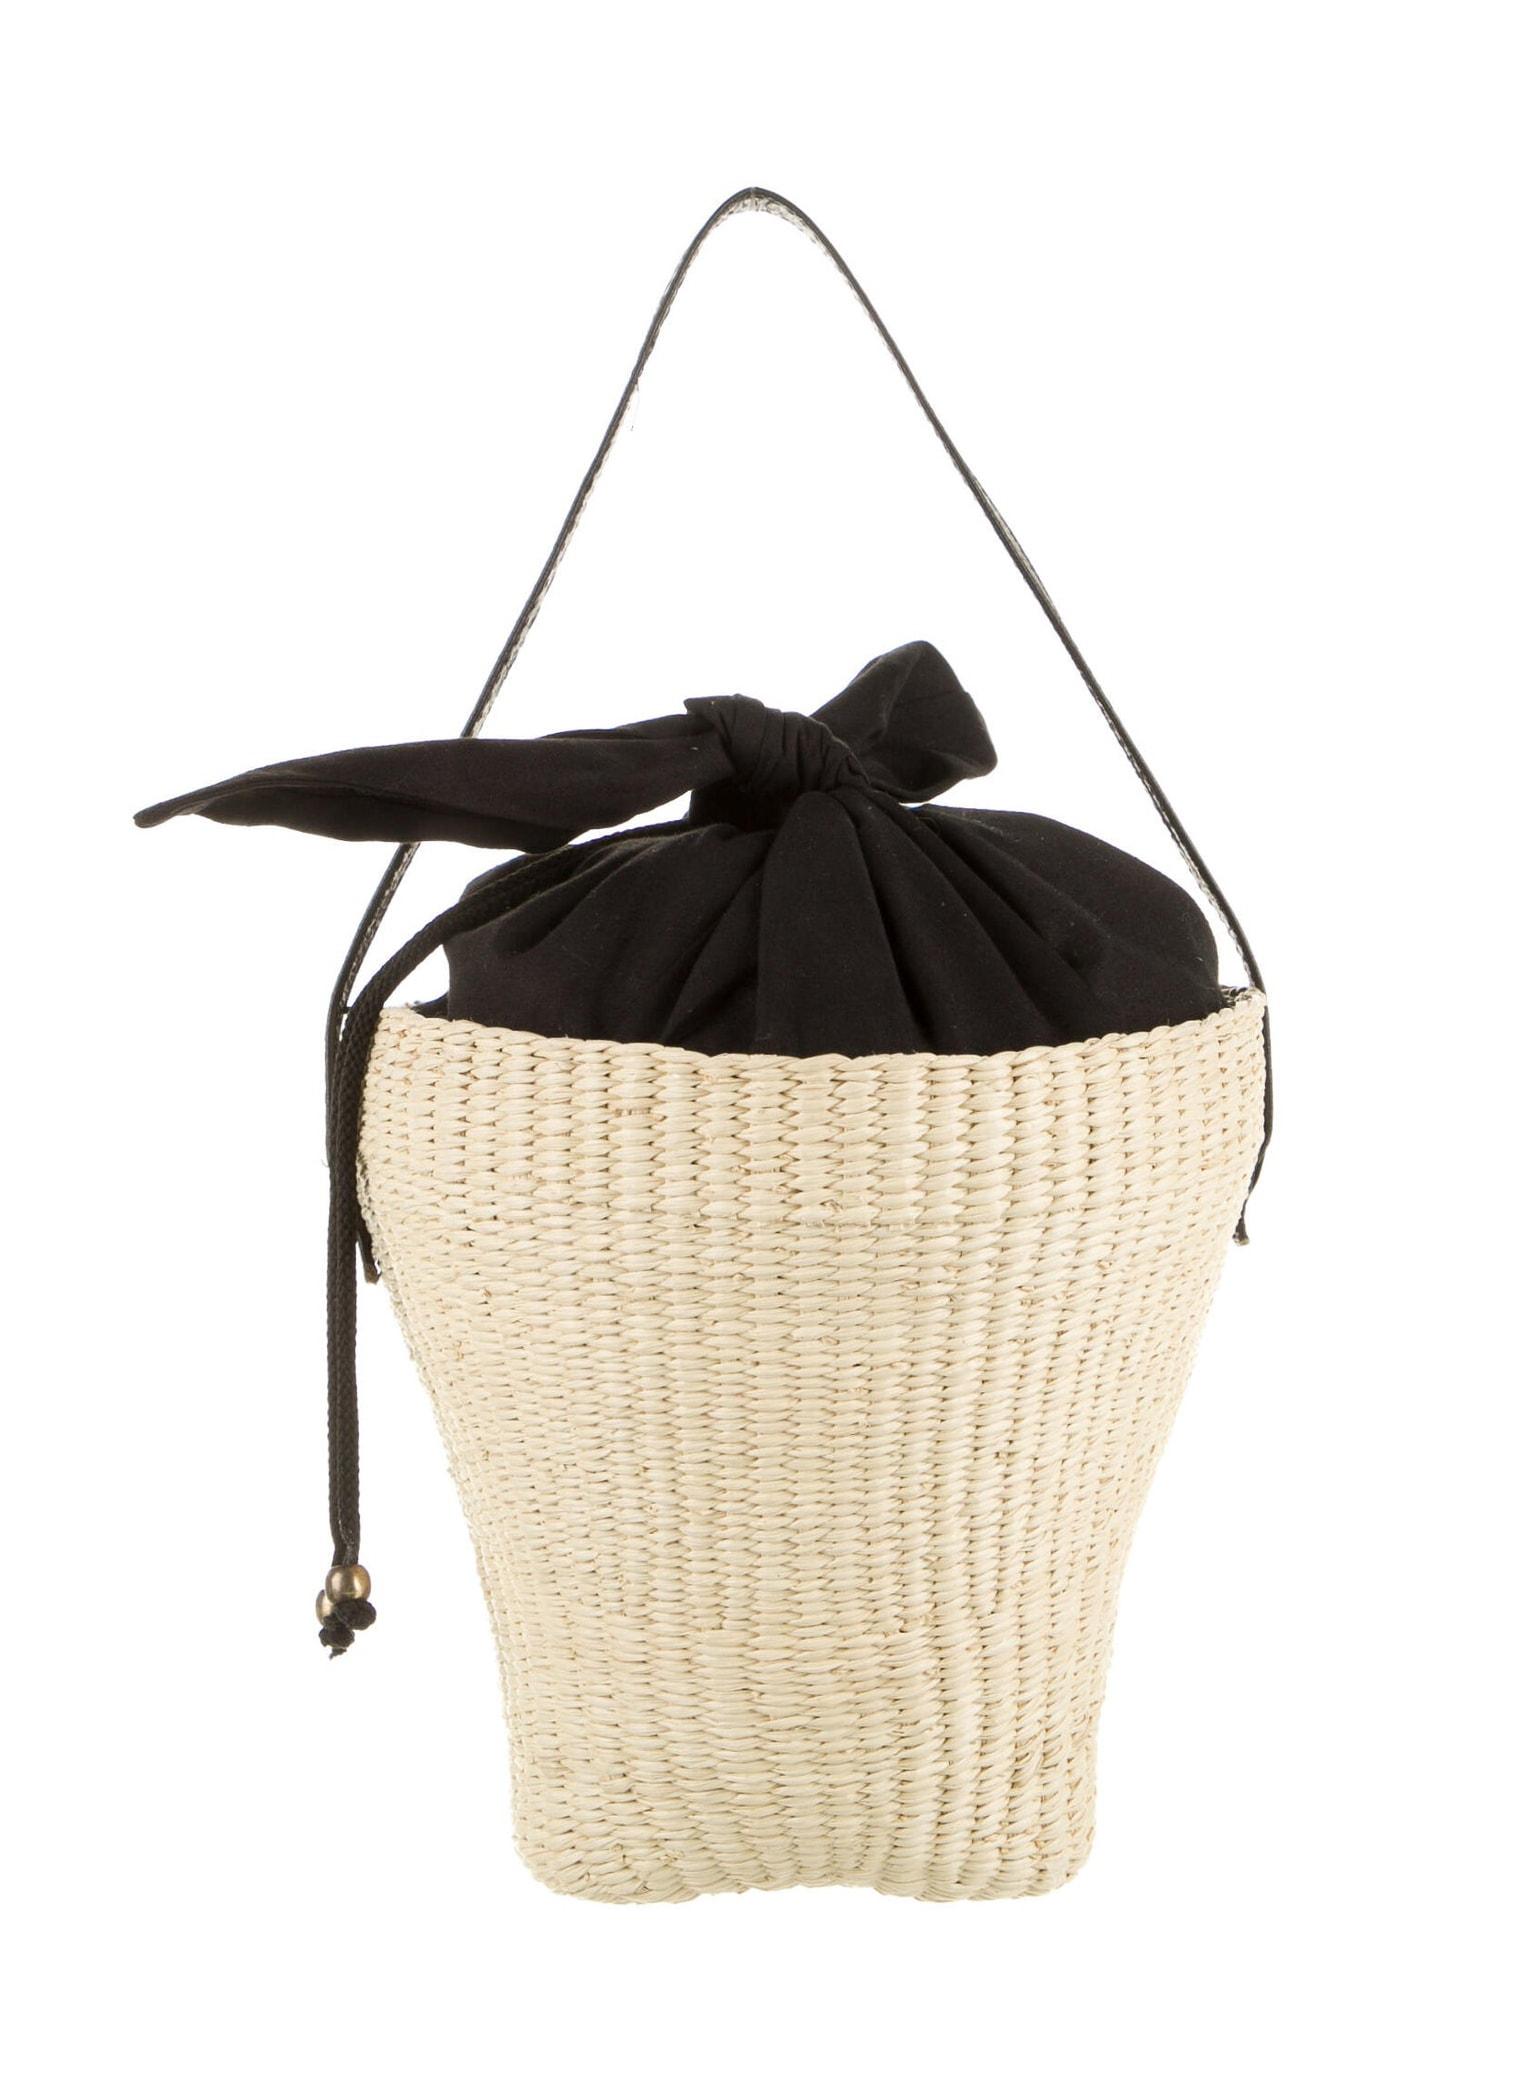 SENSI STUDIO Straw Tote Bag